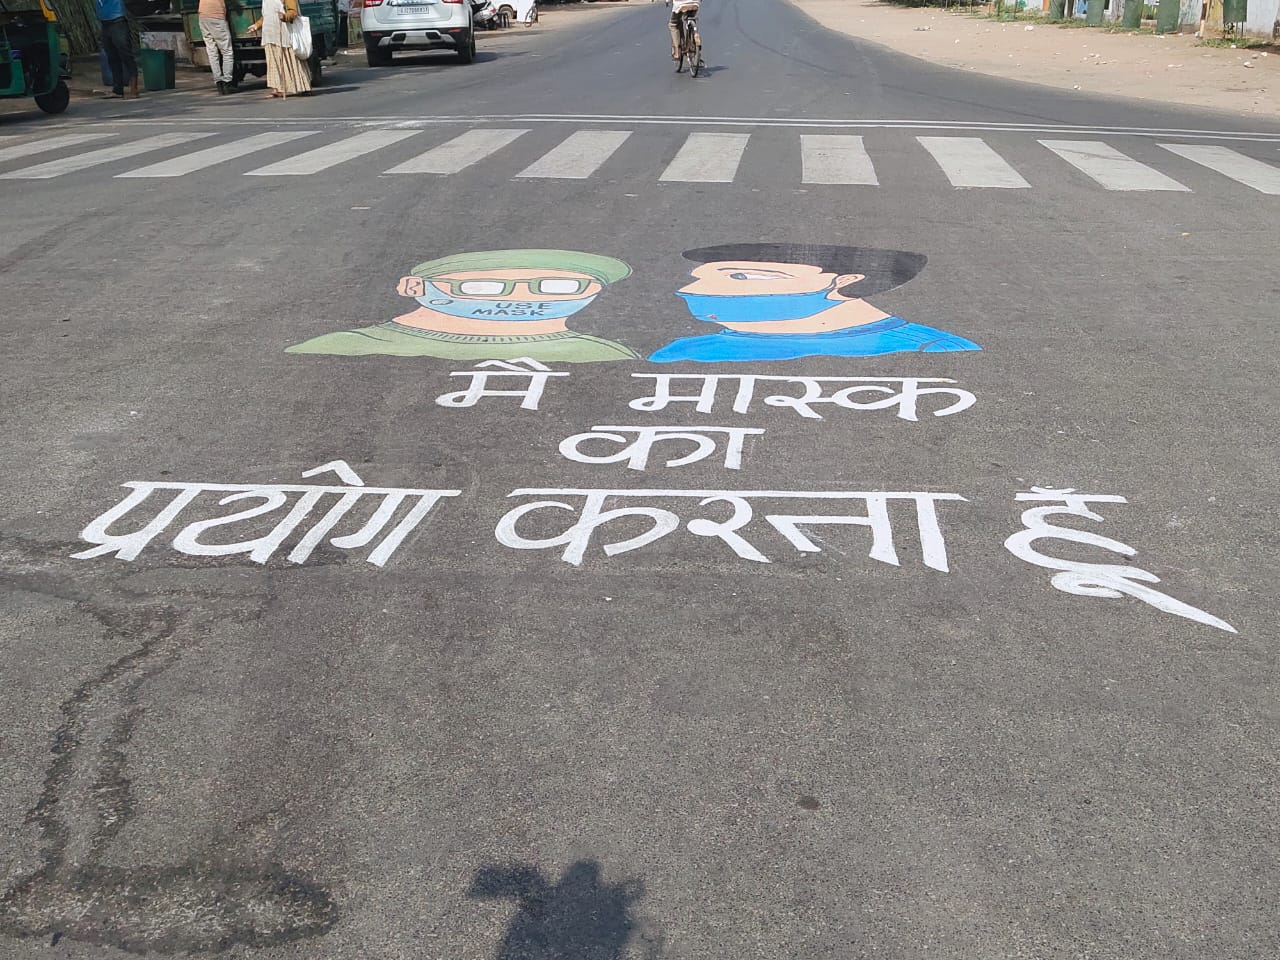 ગુજરાત યુનિવર્સિટી પાસે કોરોનાને લઈને લોકોમાં અવેરનેસ આવે તે માટે રોડ પર સ્લોગન સાથેના પેઇન્ટિંગ દોરાયા|અમદાવાદ,Ahmedabad - Divya Bhaskar